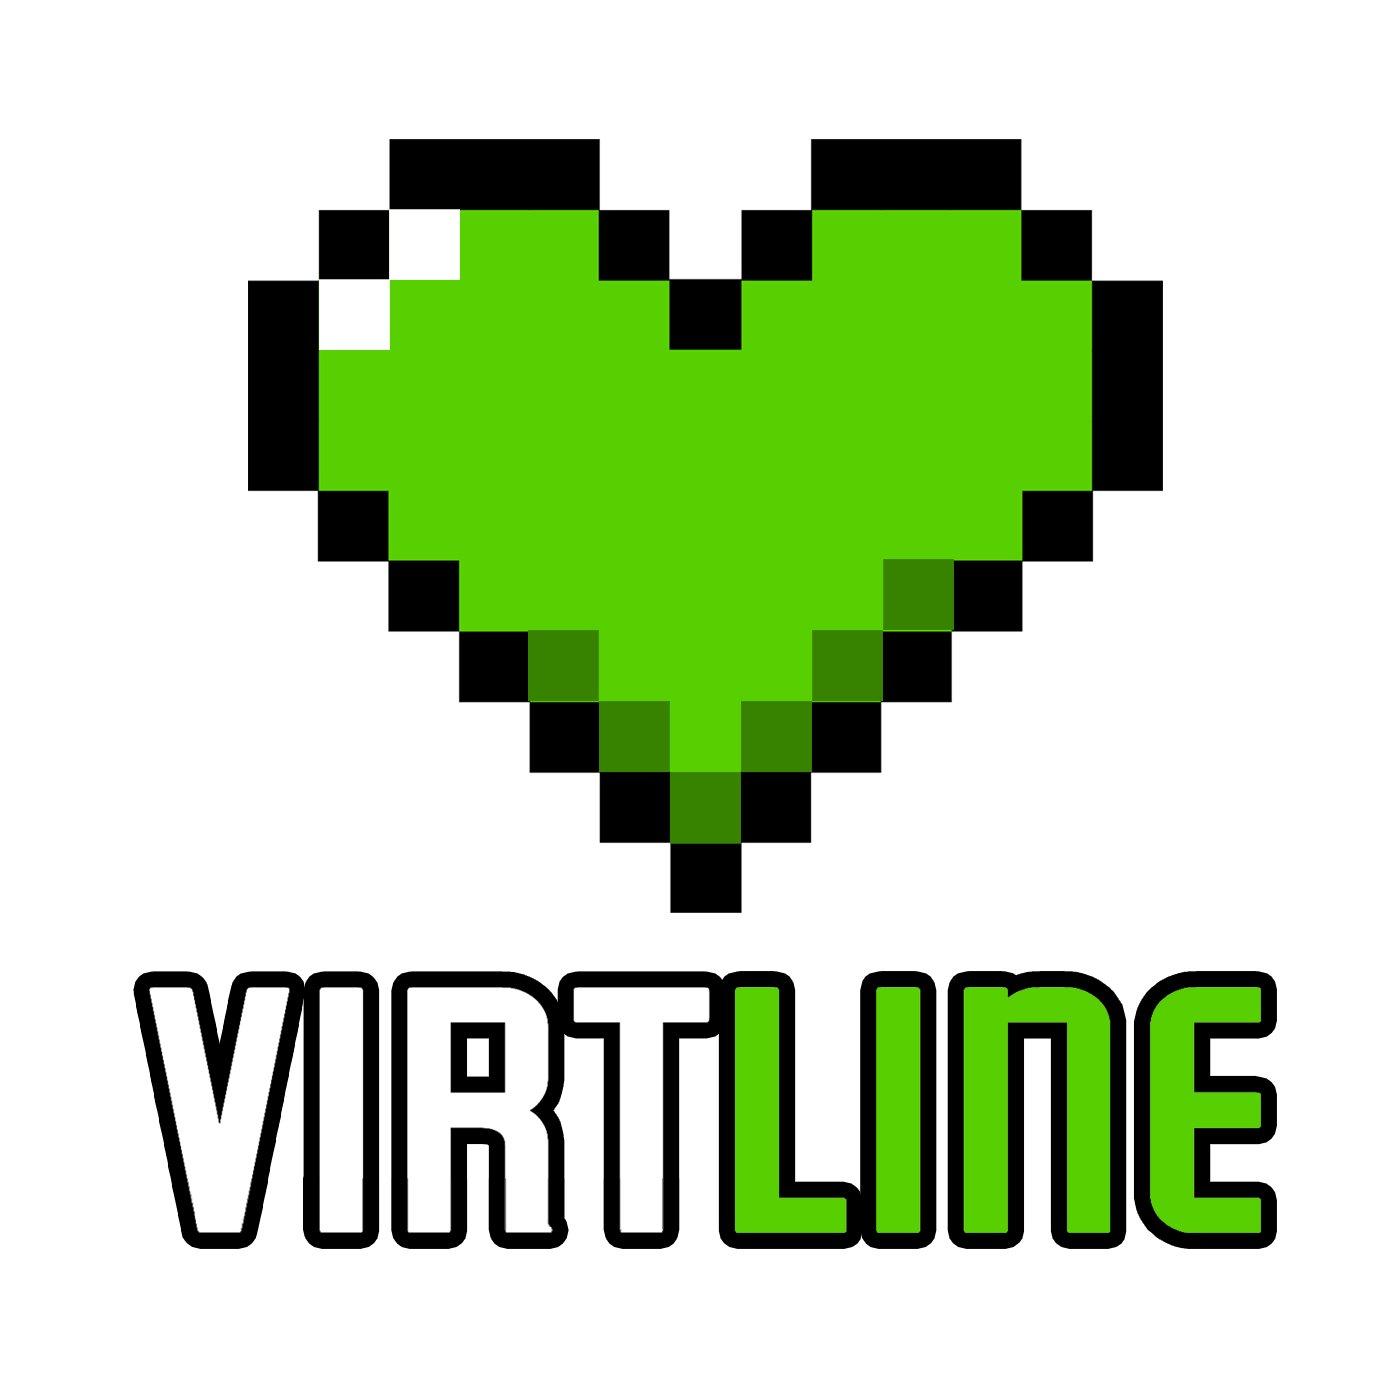 <![CDATA[Podcast Virtline Radio]]>